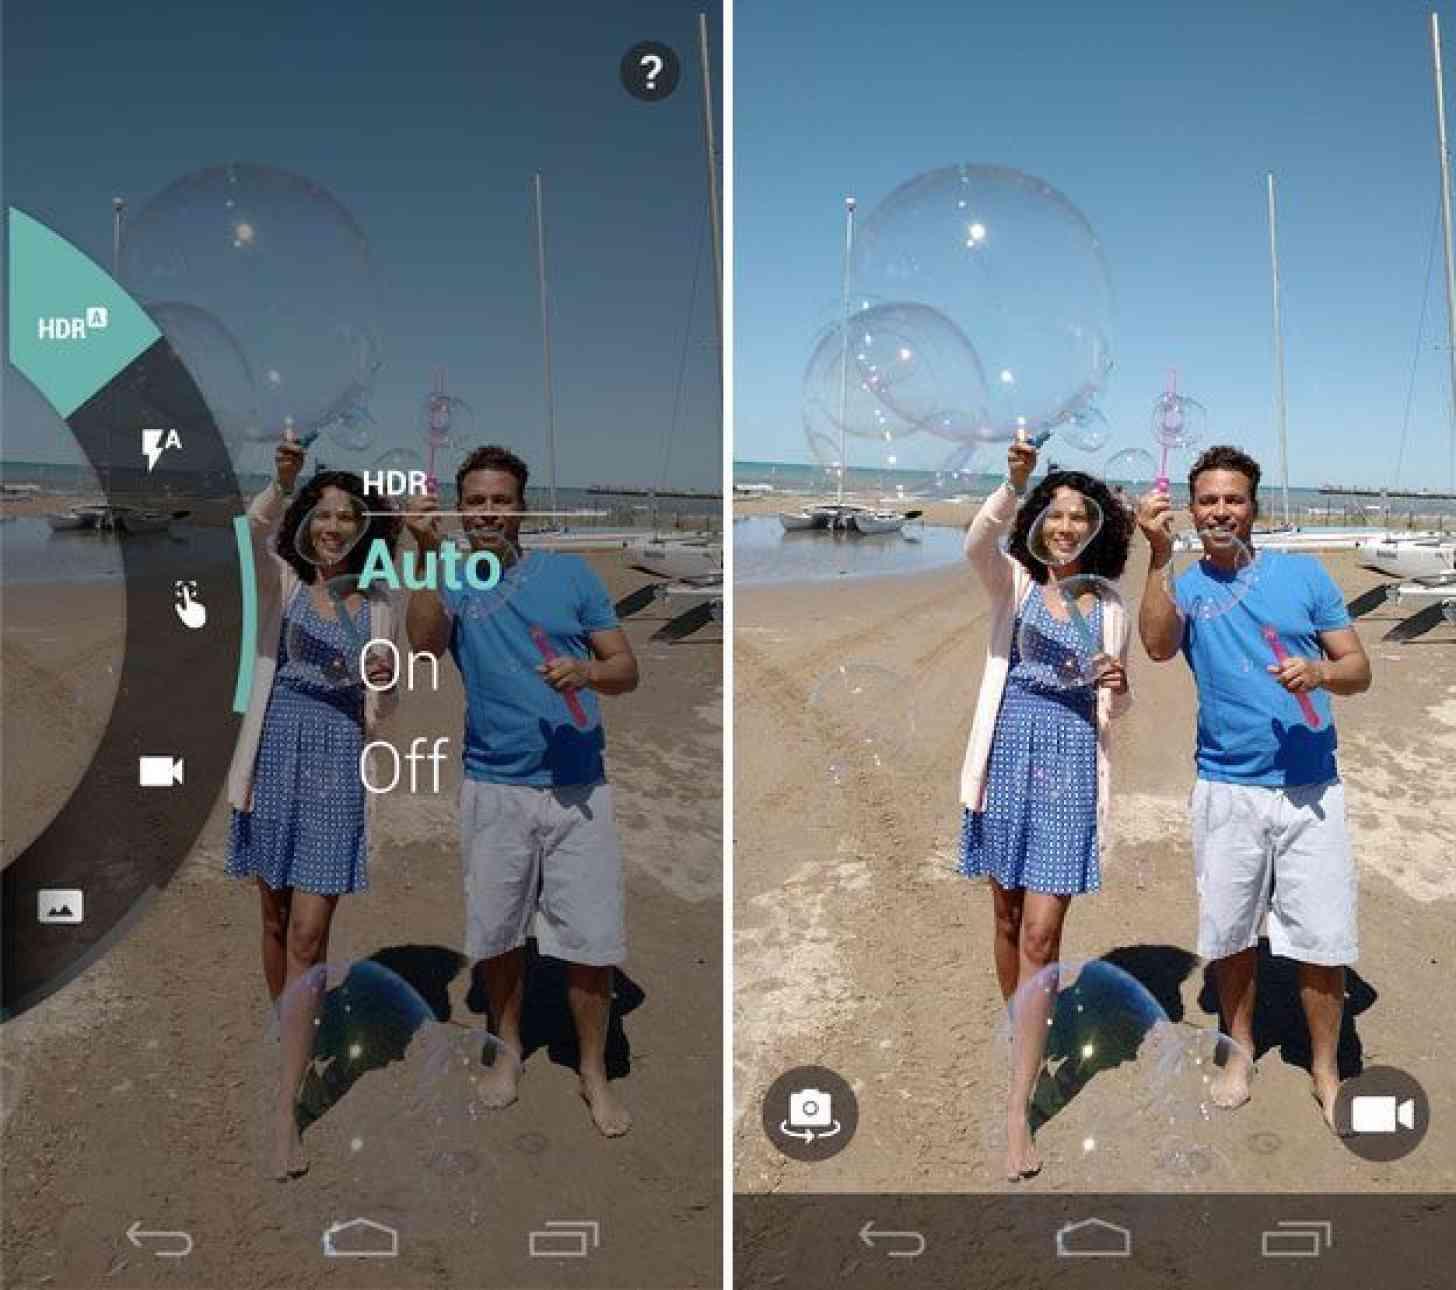 Motorola Camera Material design update